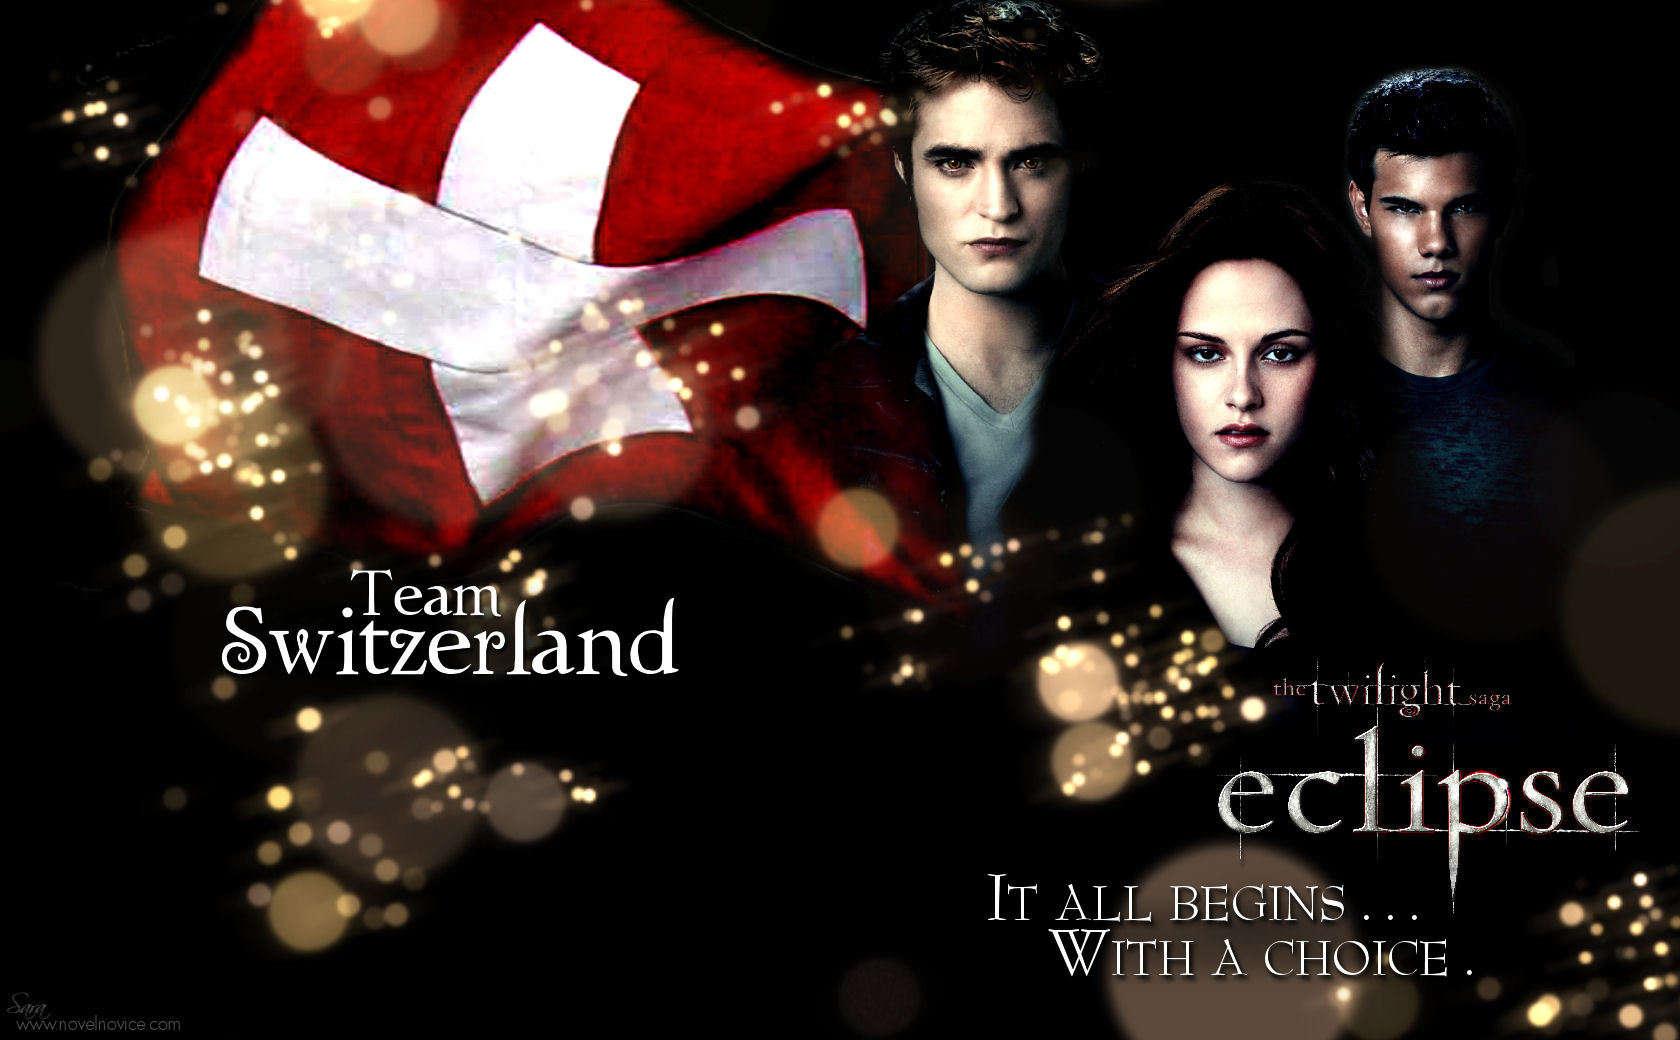 twilight saga eclipse essay Find great deals for the twilight saga: eclipse (dvd, 2010) shop with confidence on ebay.